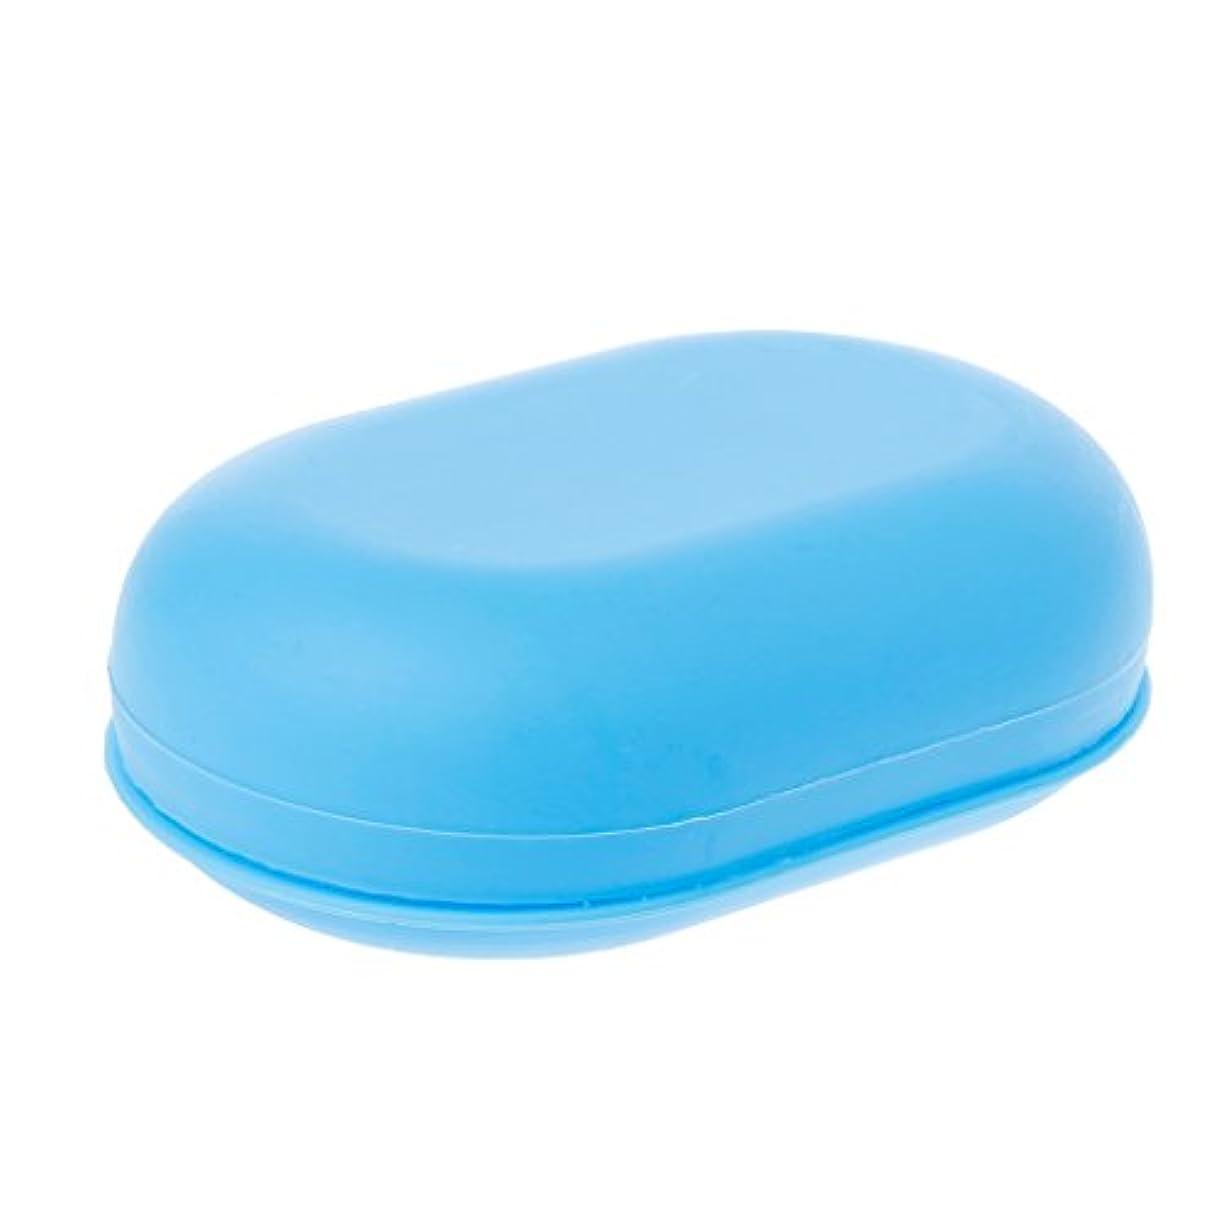 非アクティブクローゼットカブLamdooポータブル旅行ホーム浴室のシャワーソープボックスプレート皿ホルダーケースコンテナブルー